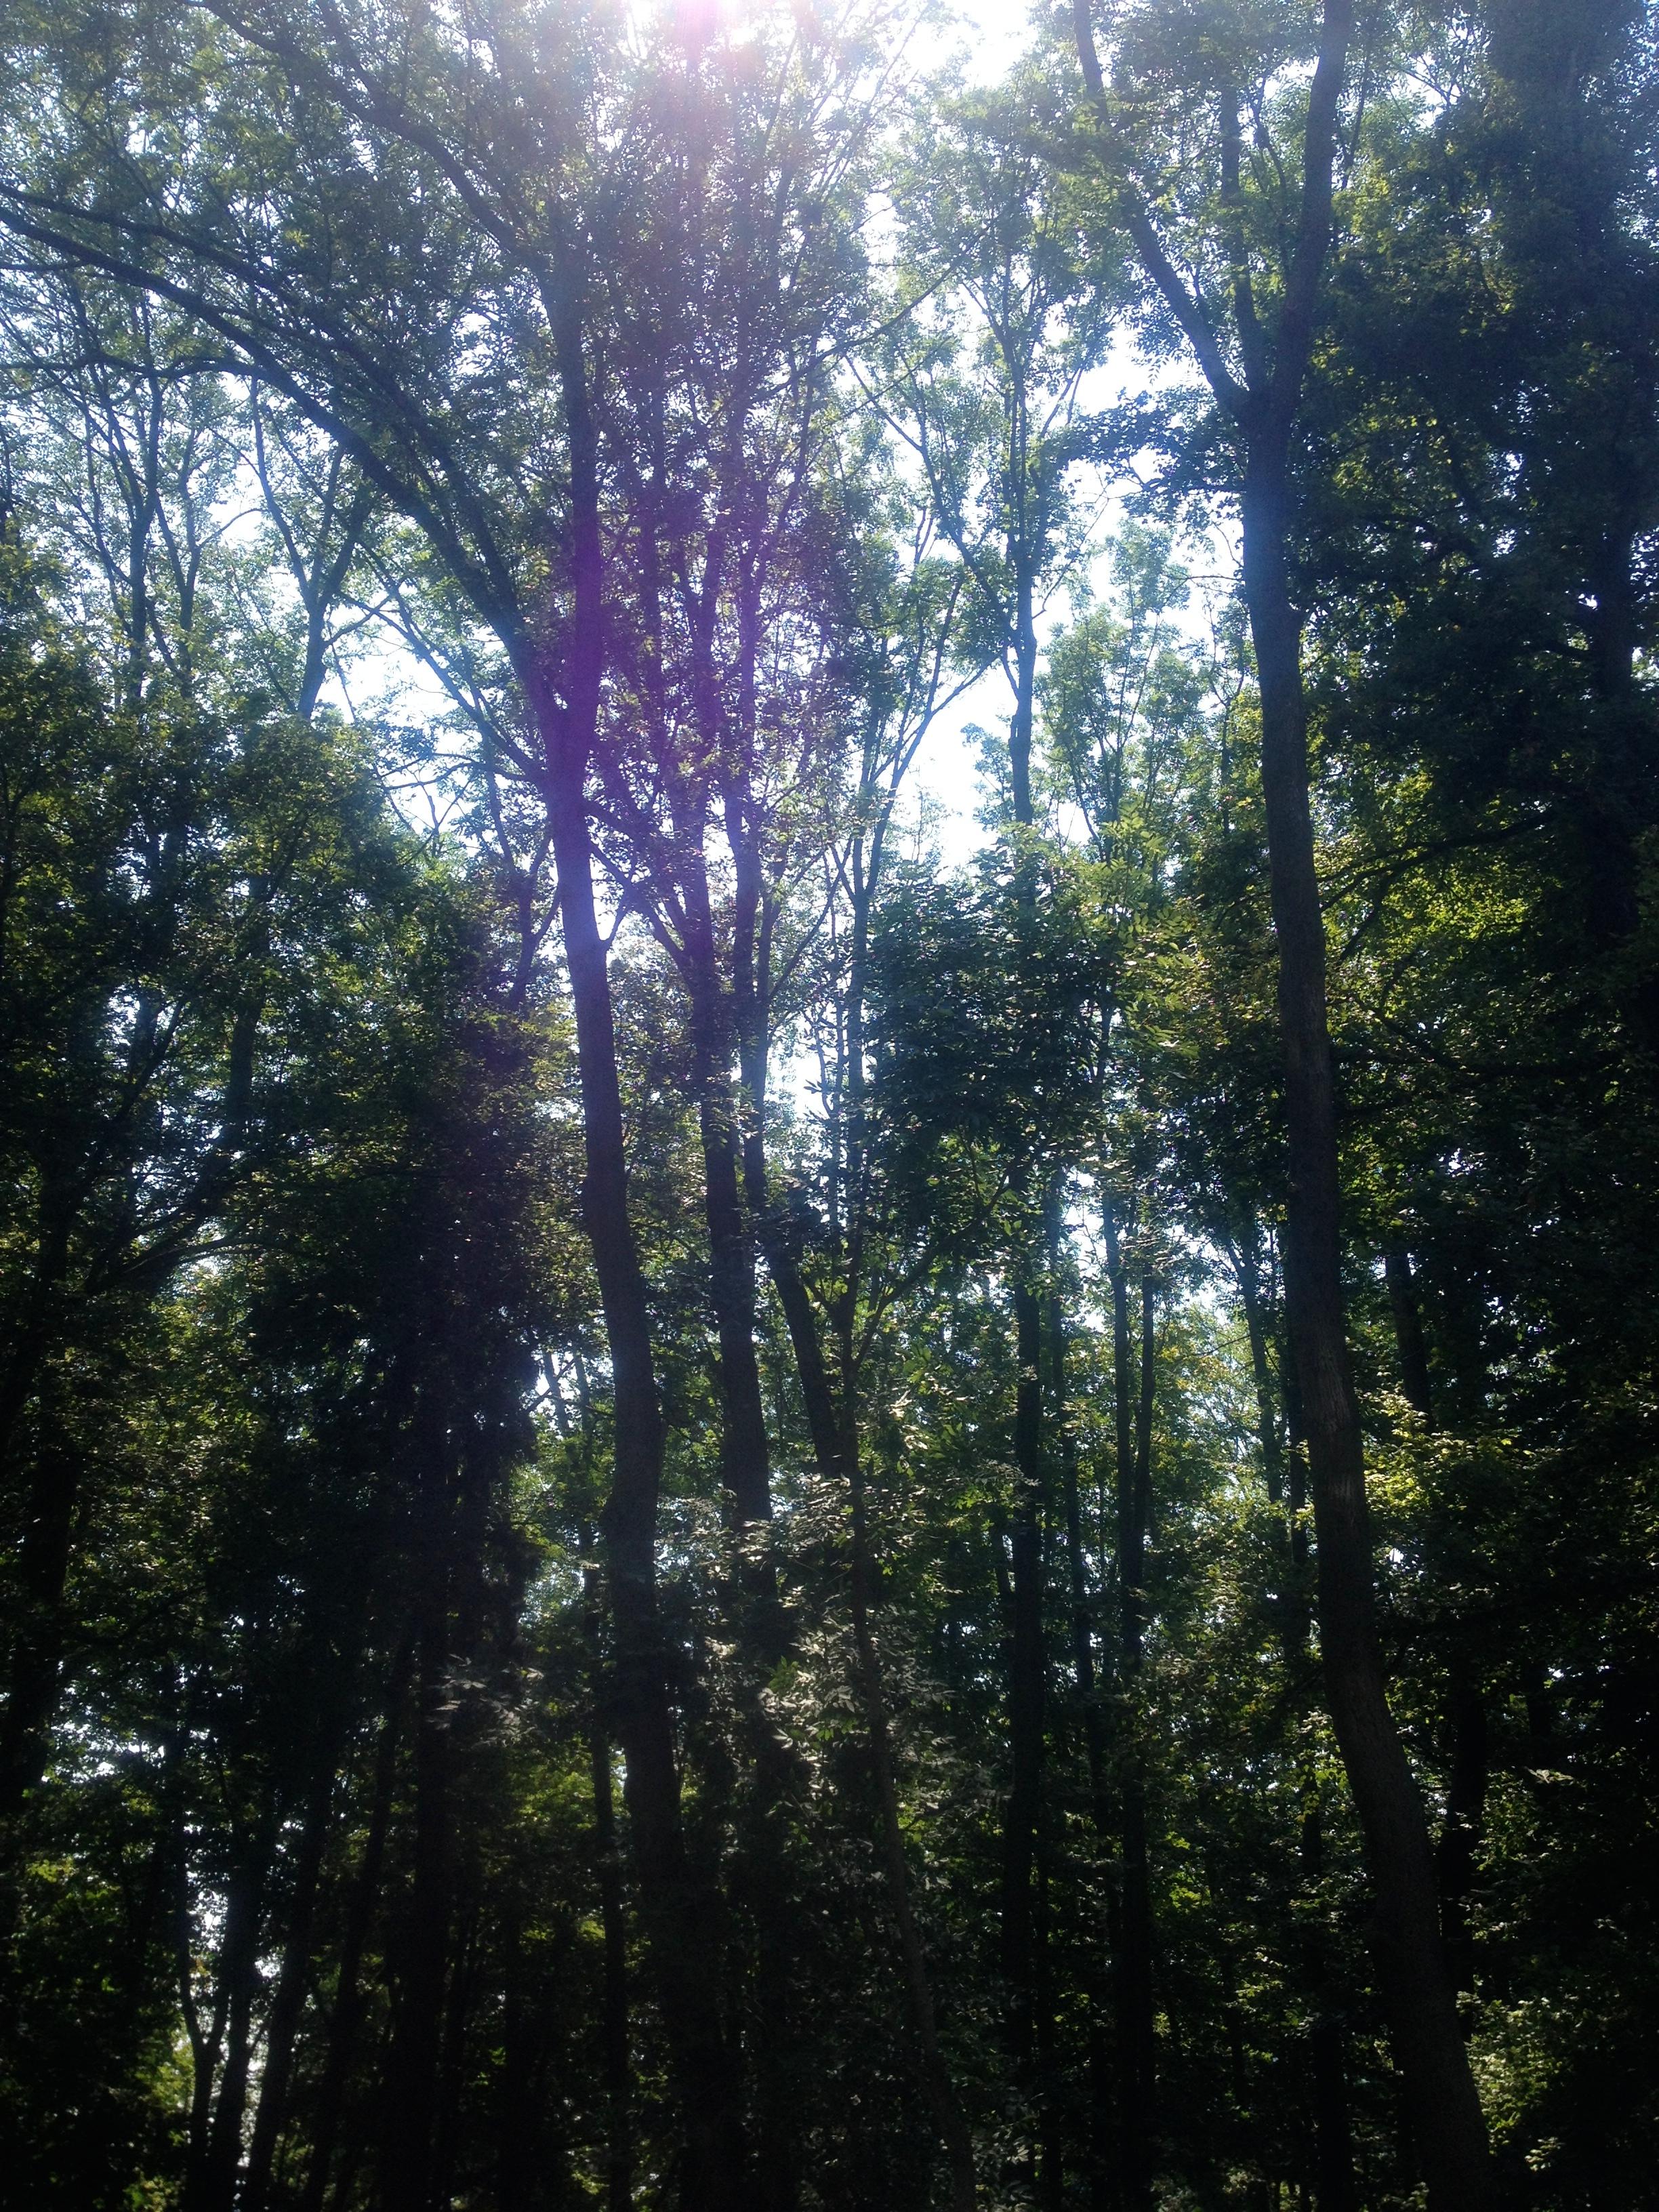 Gorgeous trees.